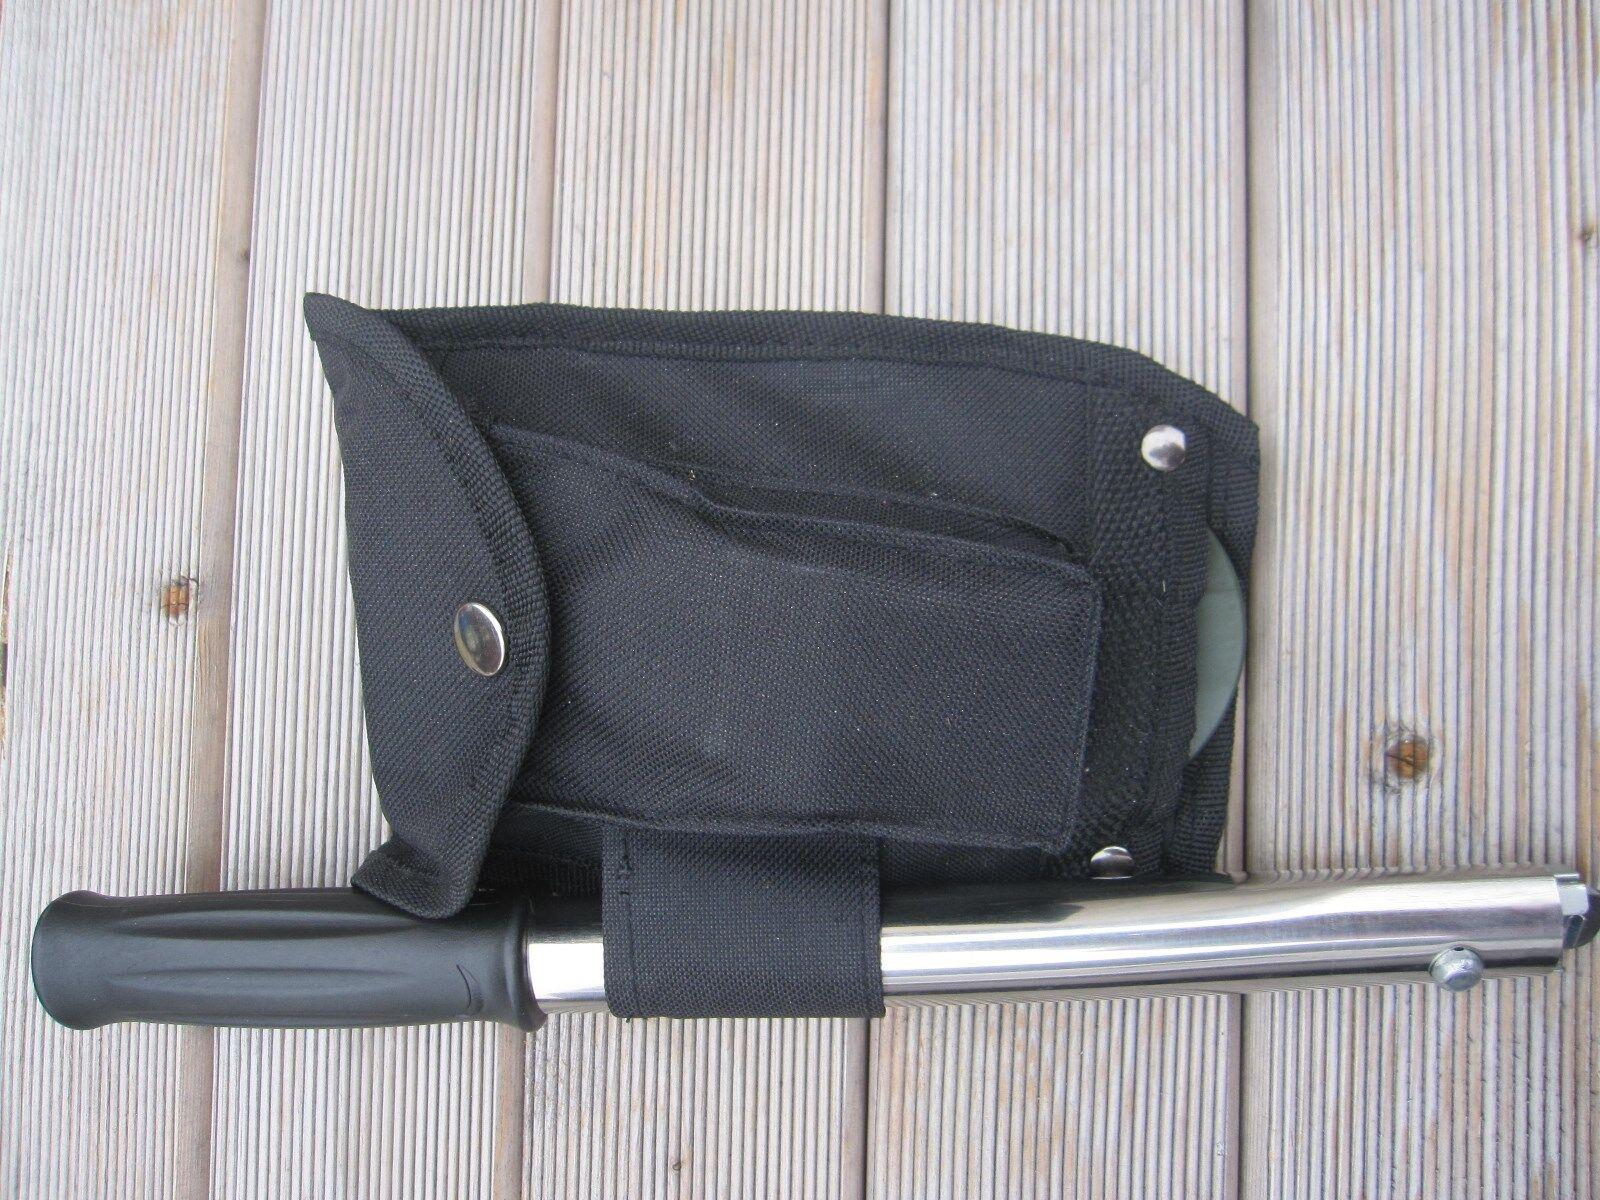 12 in Pliable 1 Pliable in Pelle Incl. hachette couteau scie Zoom Lampe de poche Cuillère ouvre-Fourche 917621